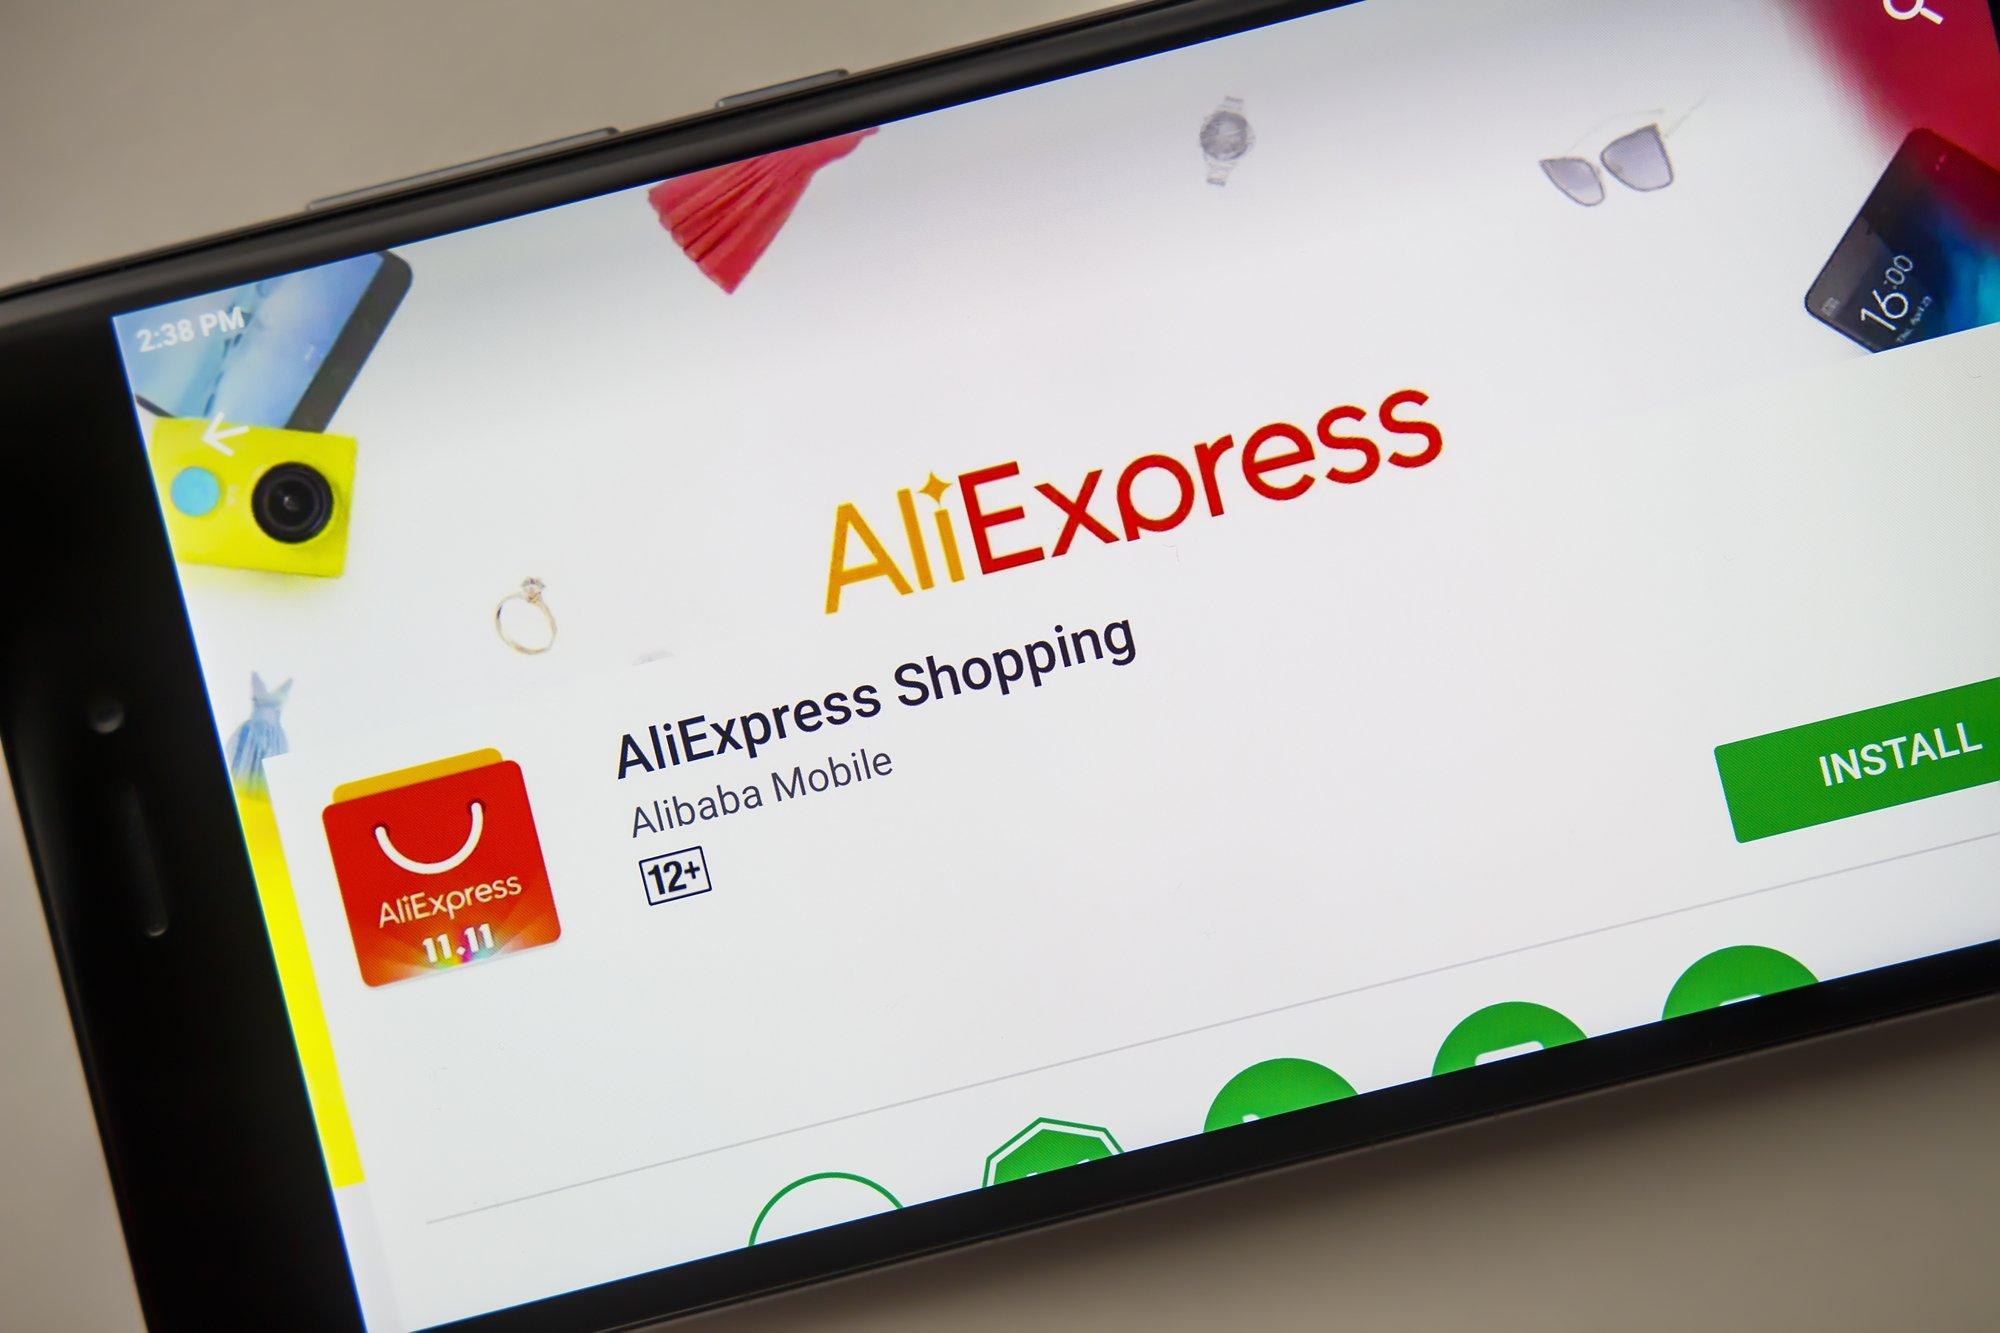 As compras no aliexpress tem crescido cada vez mais no mundo